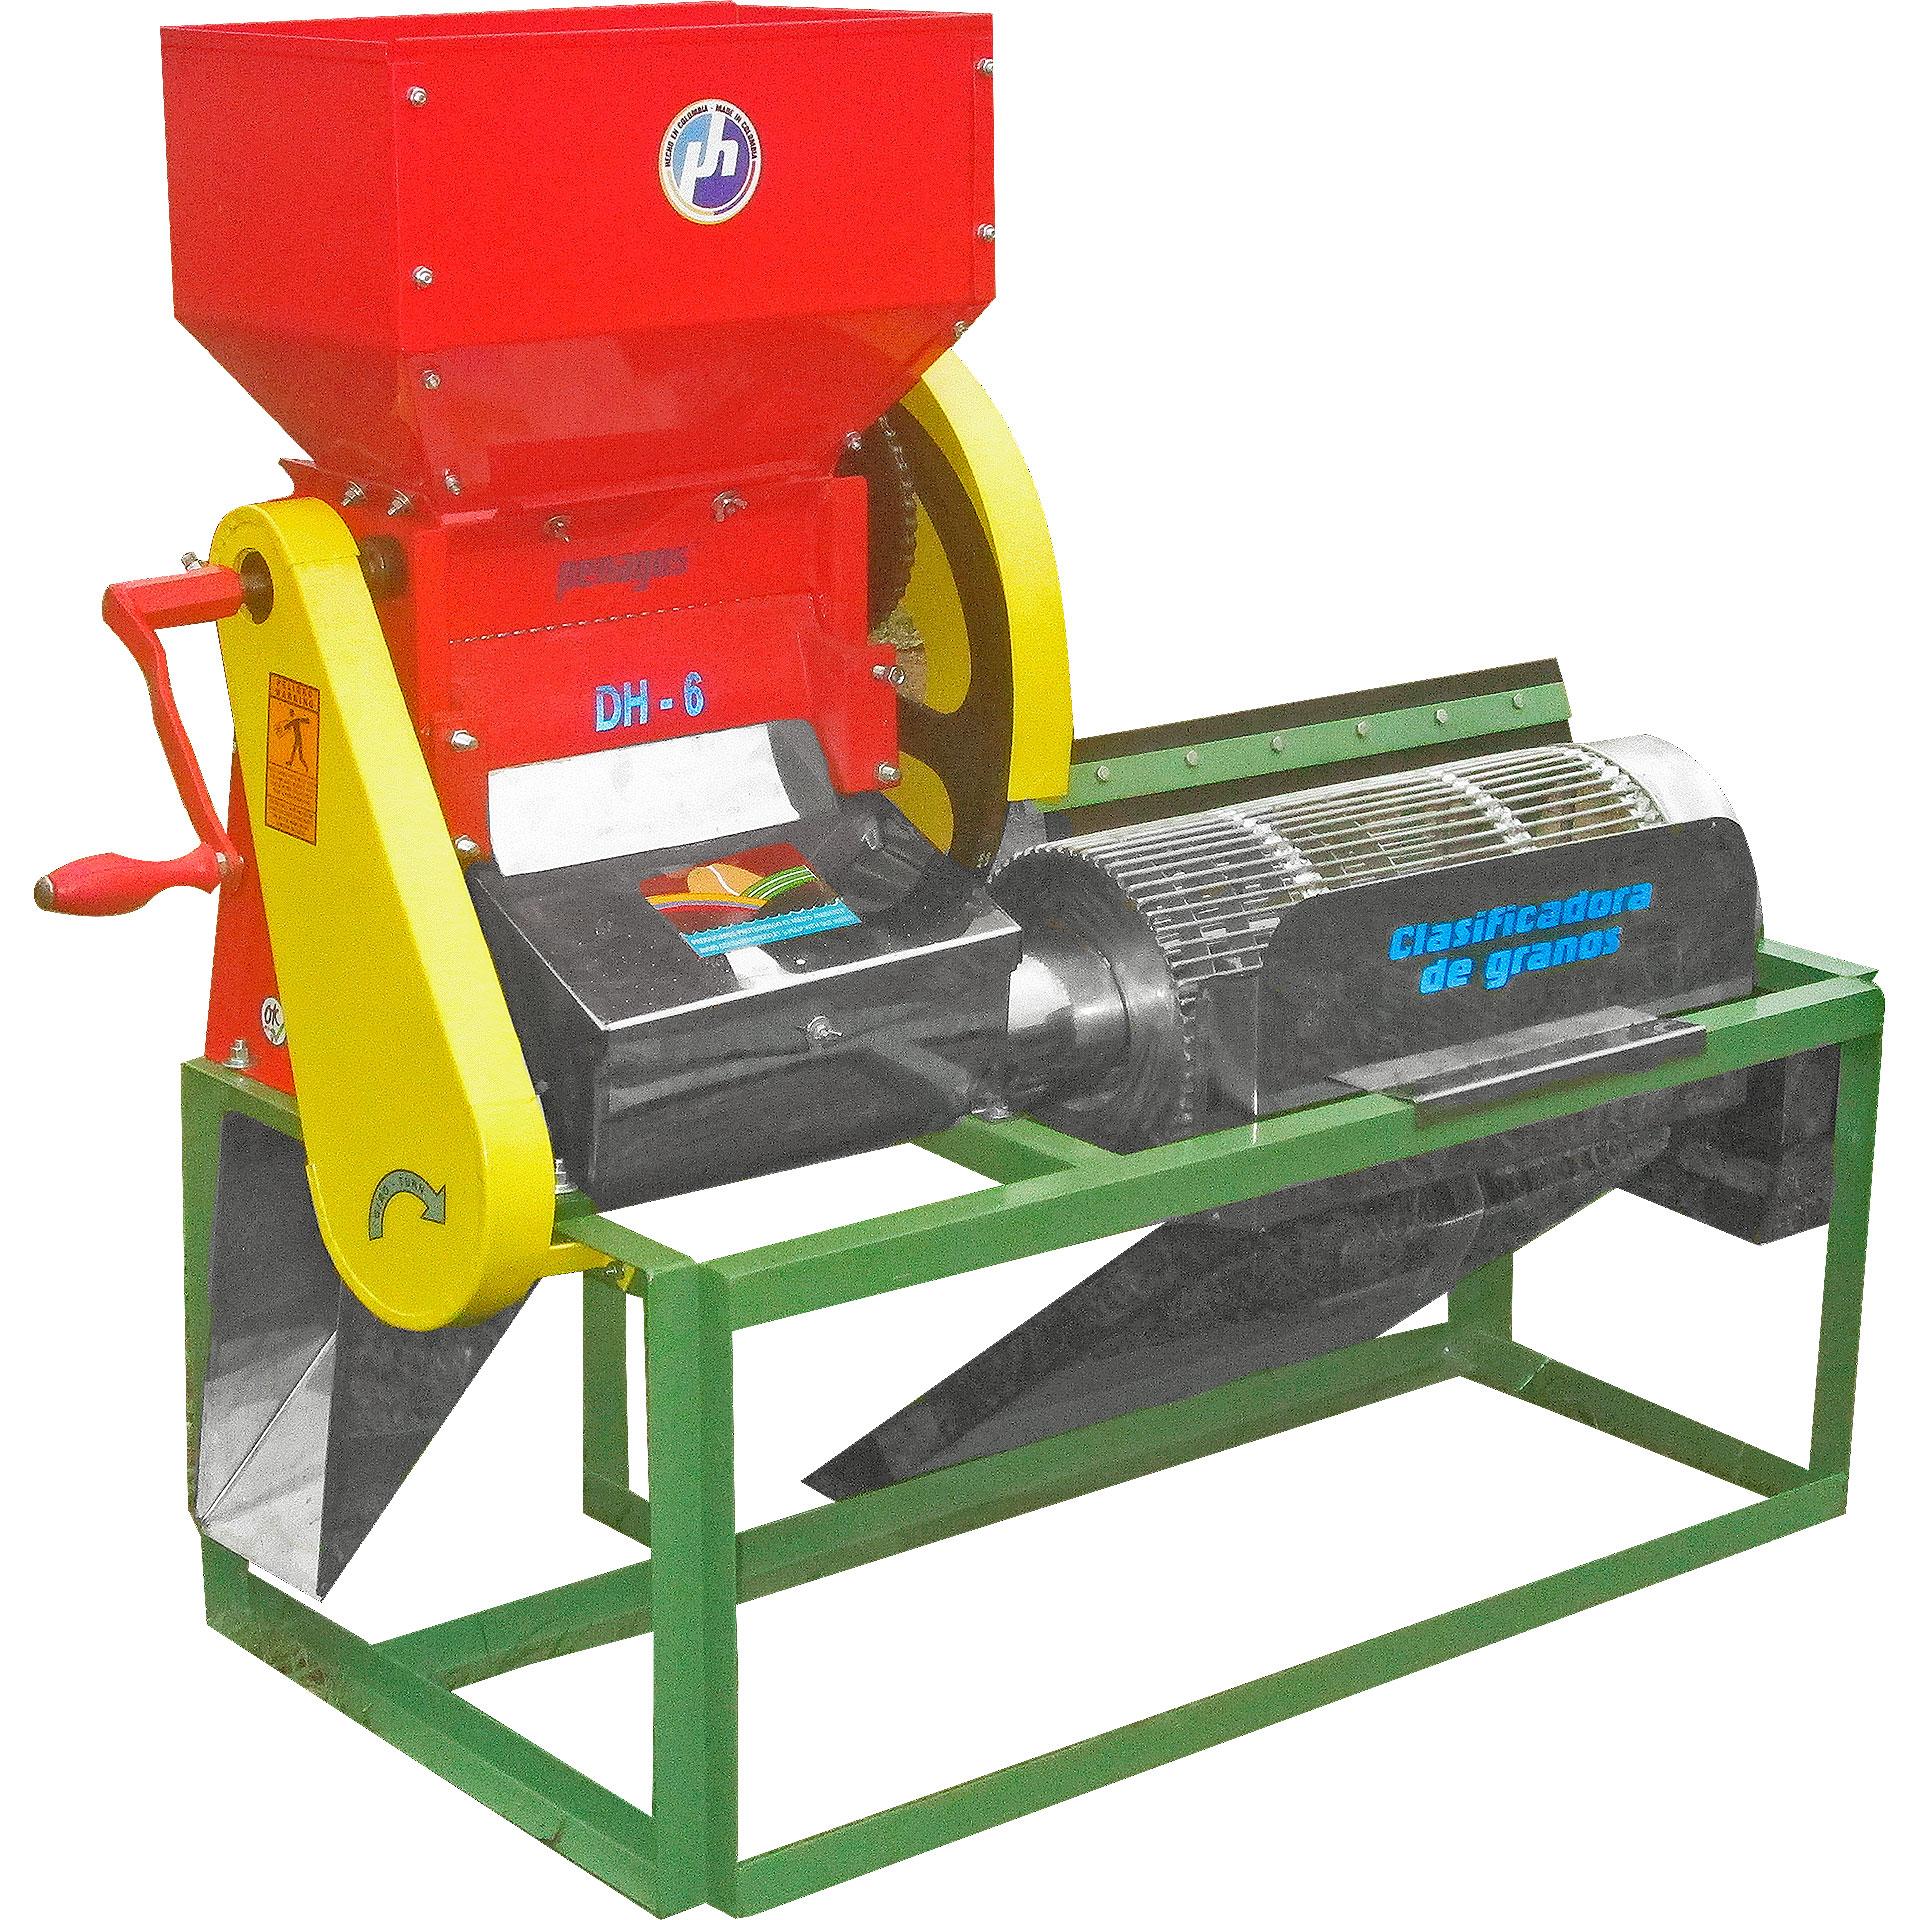 Modulo-Clasificador-Mc-6-Maquinaria-Agrícola